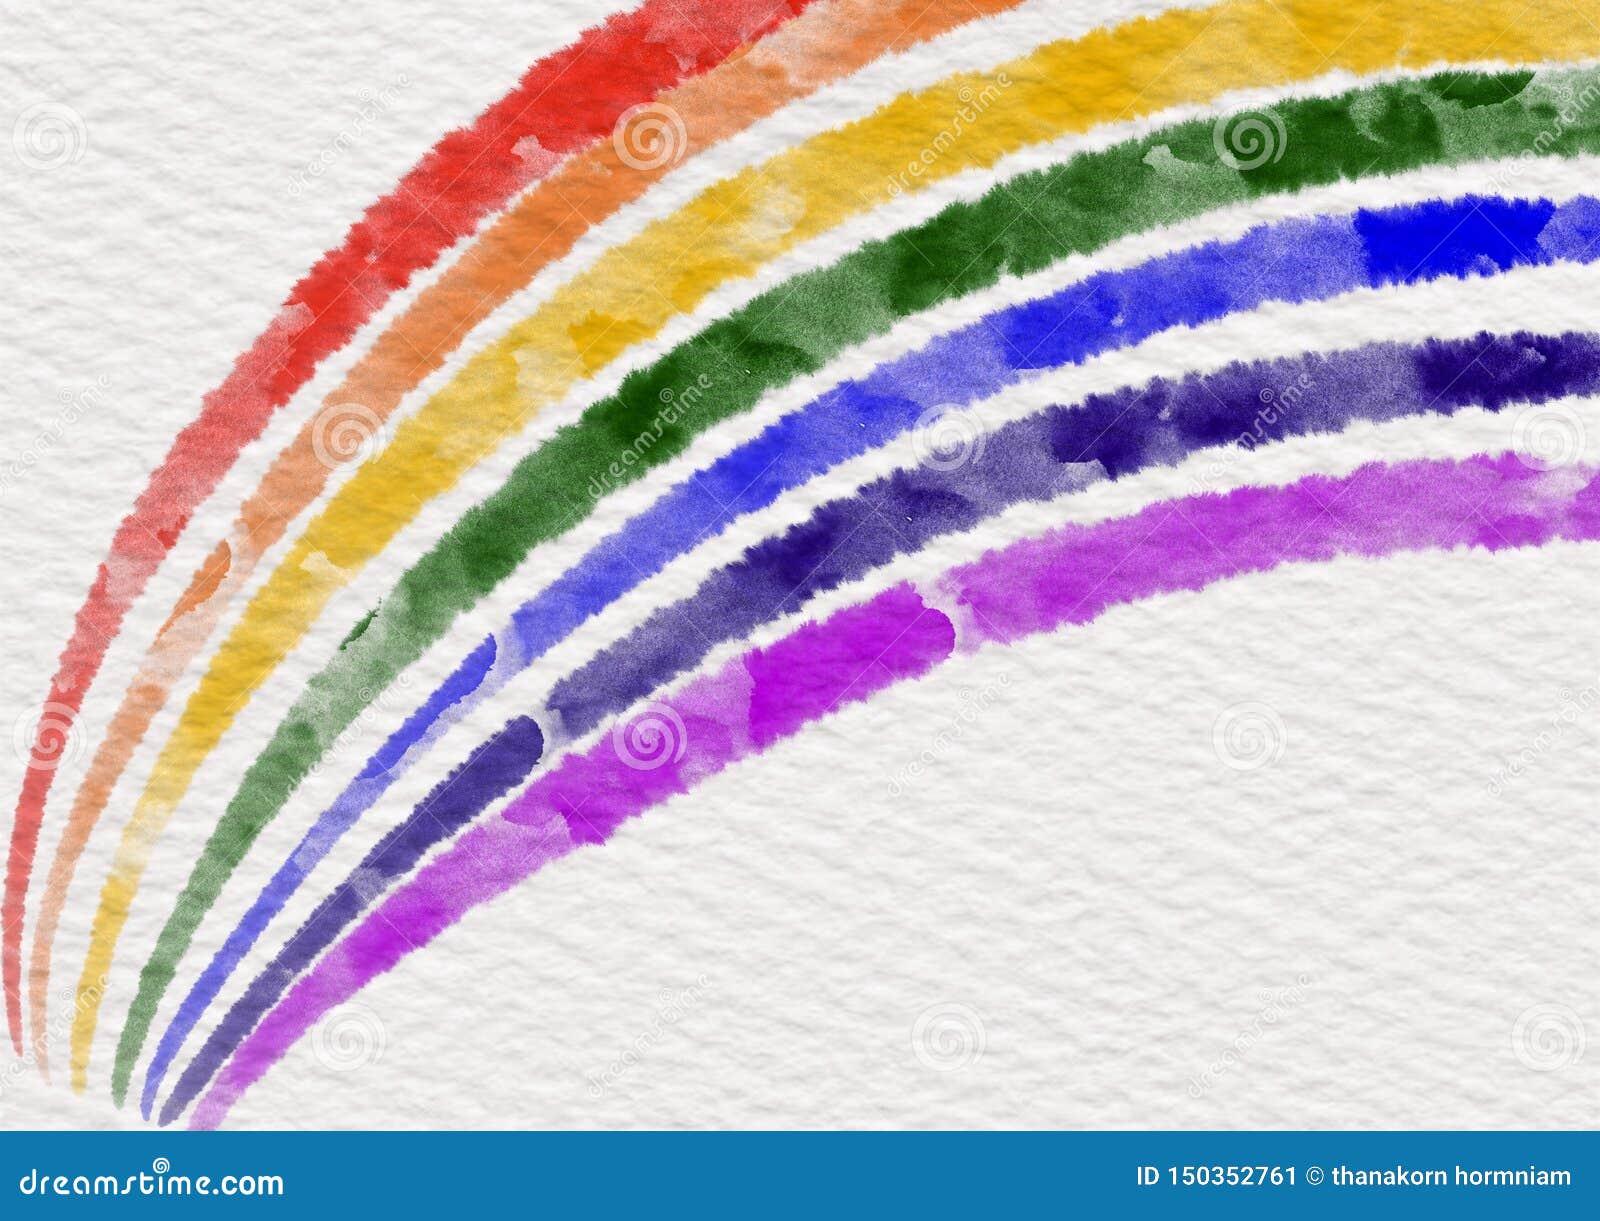 Χρώματα ουράνιων τόξων που πέφτουν στη σύσταση της Λευκής Βίβλου